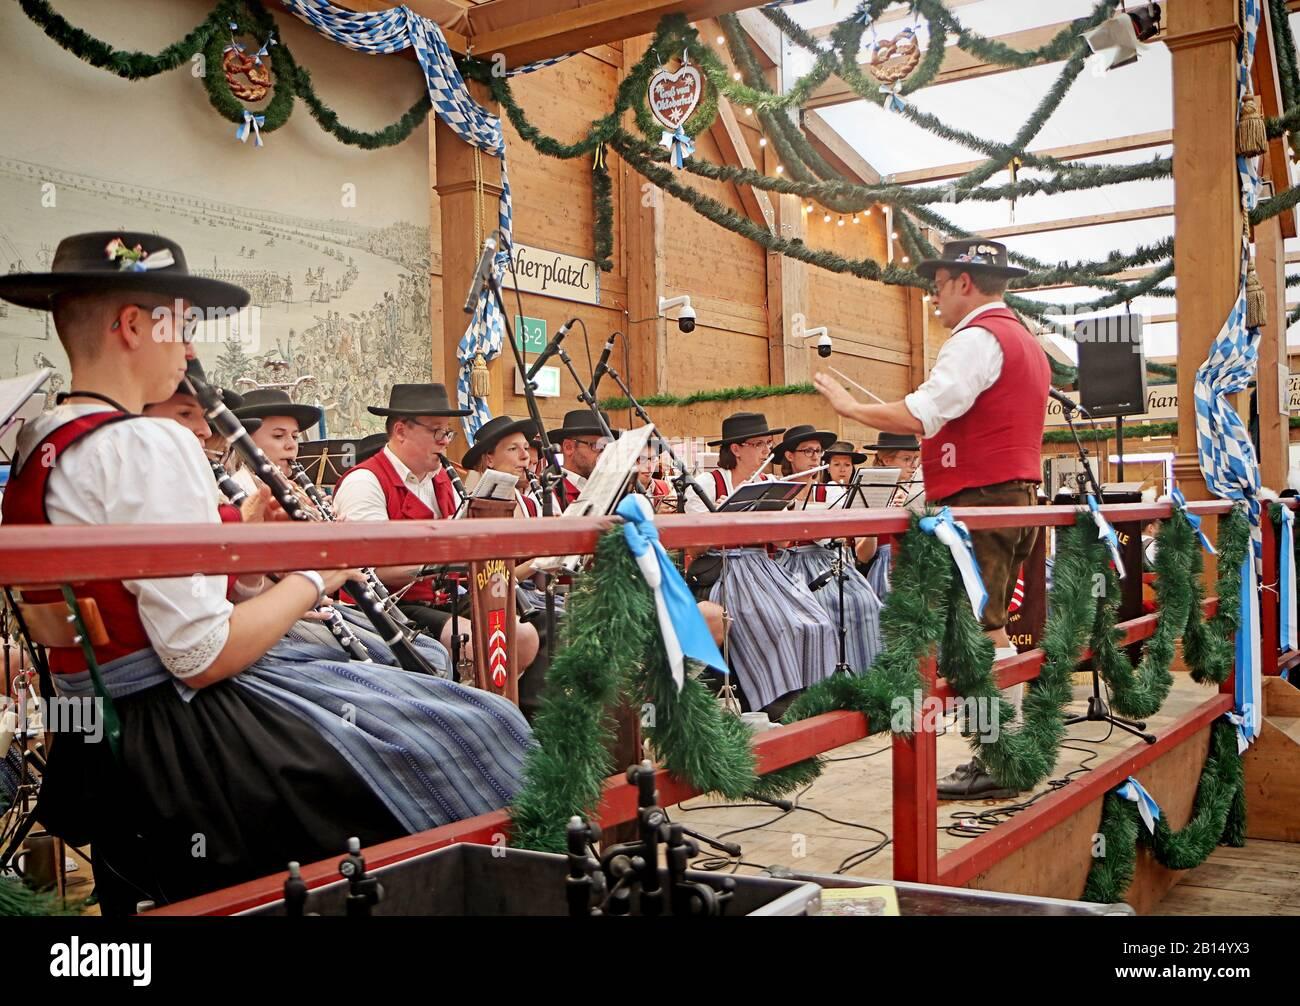 Monaco, GERMANIA - 1 OTTOBRE 2019 B e suonare musica tradizionale in costume bavarese in una tenda della birra di Oide Wiesn parte storica dell'Oktoberfest Foto Stock